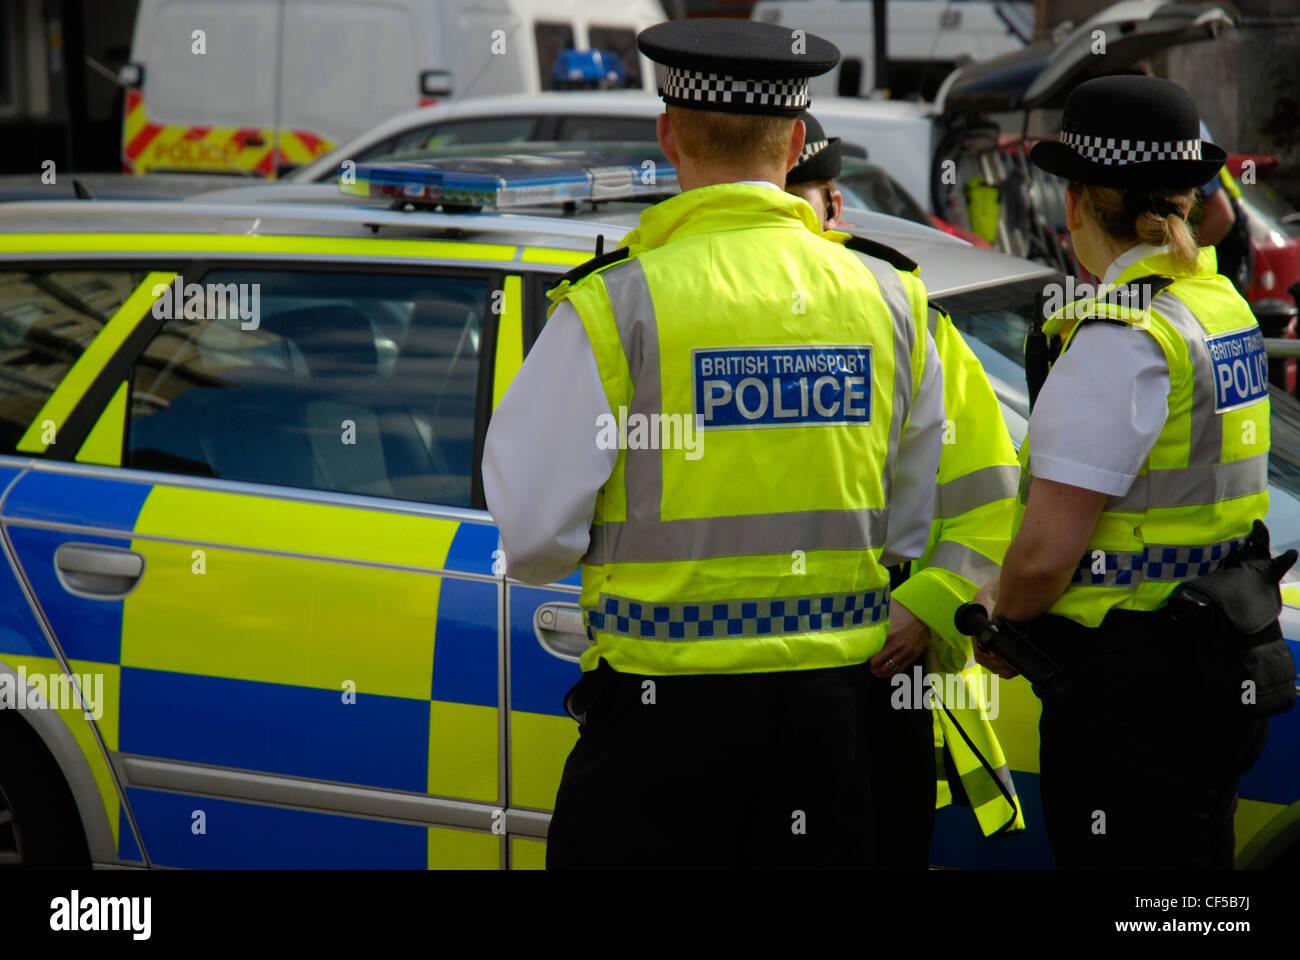 Britischen Transport Polizisten in gelben Jacken stehen neben einem Polizeiauto in Westminster. Stockfoto